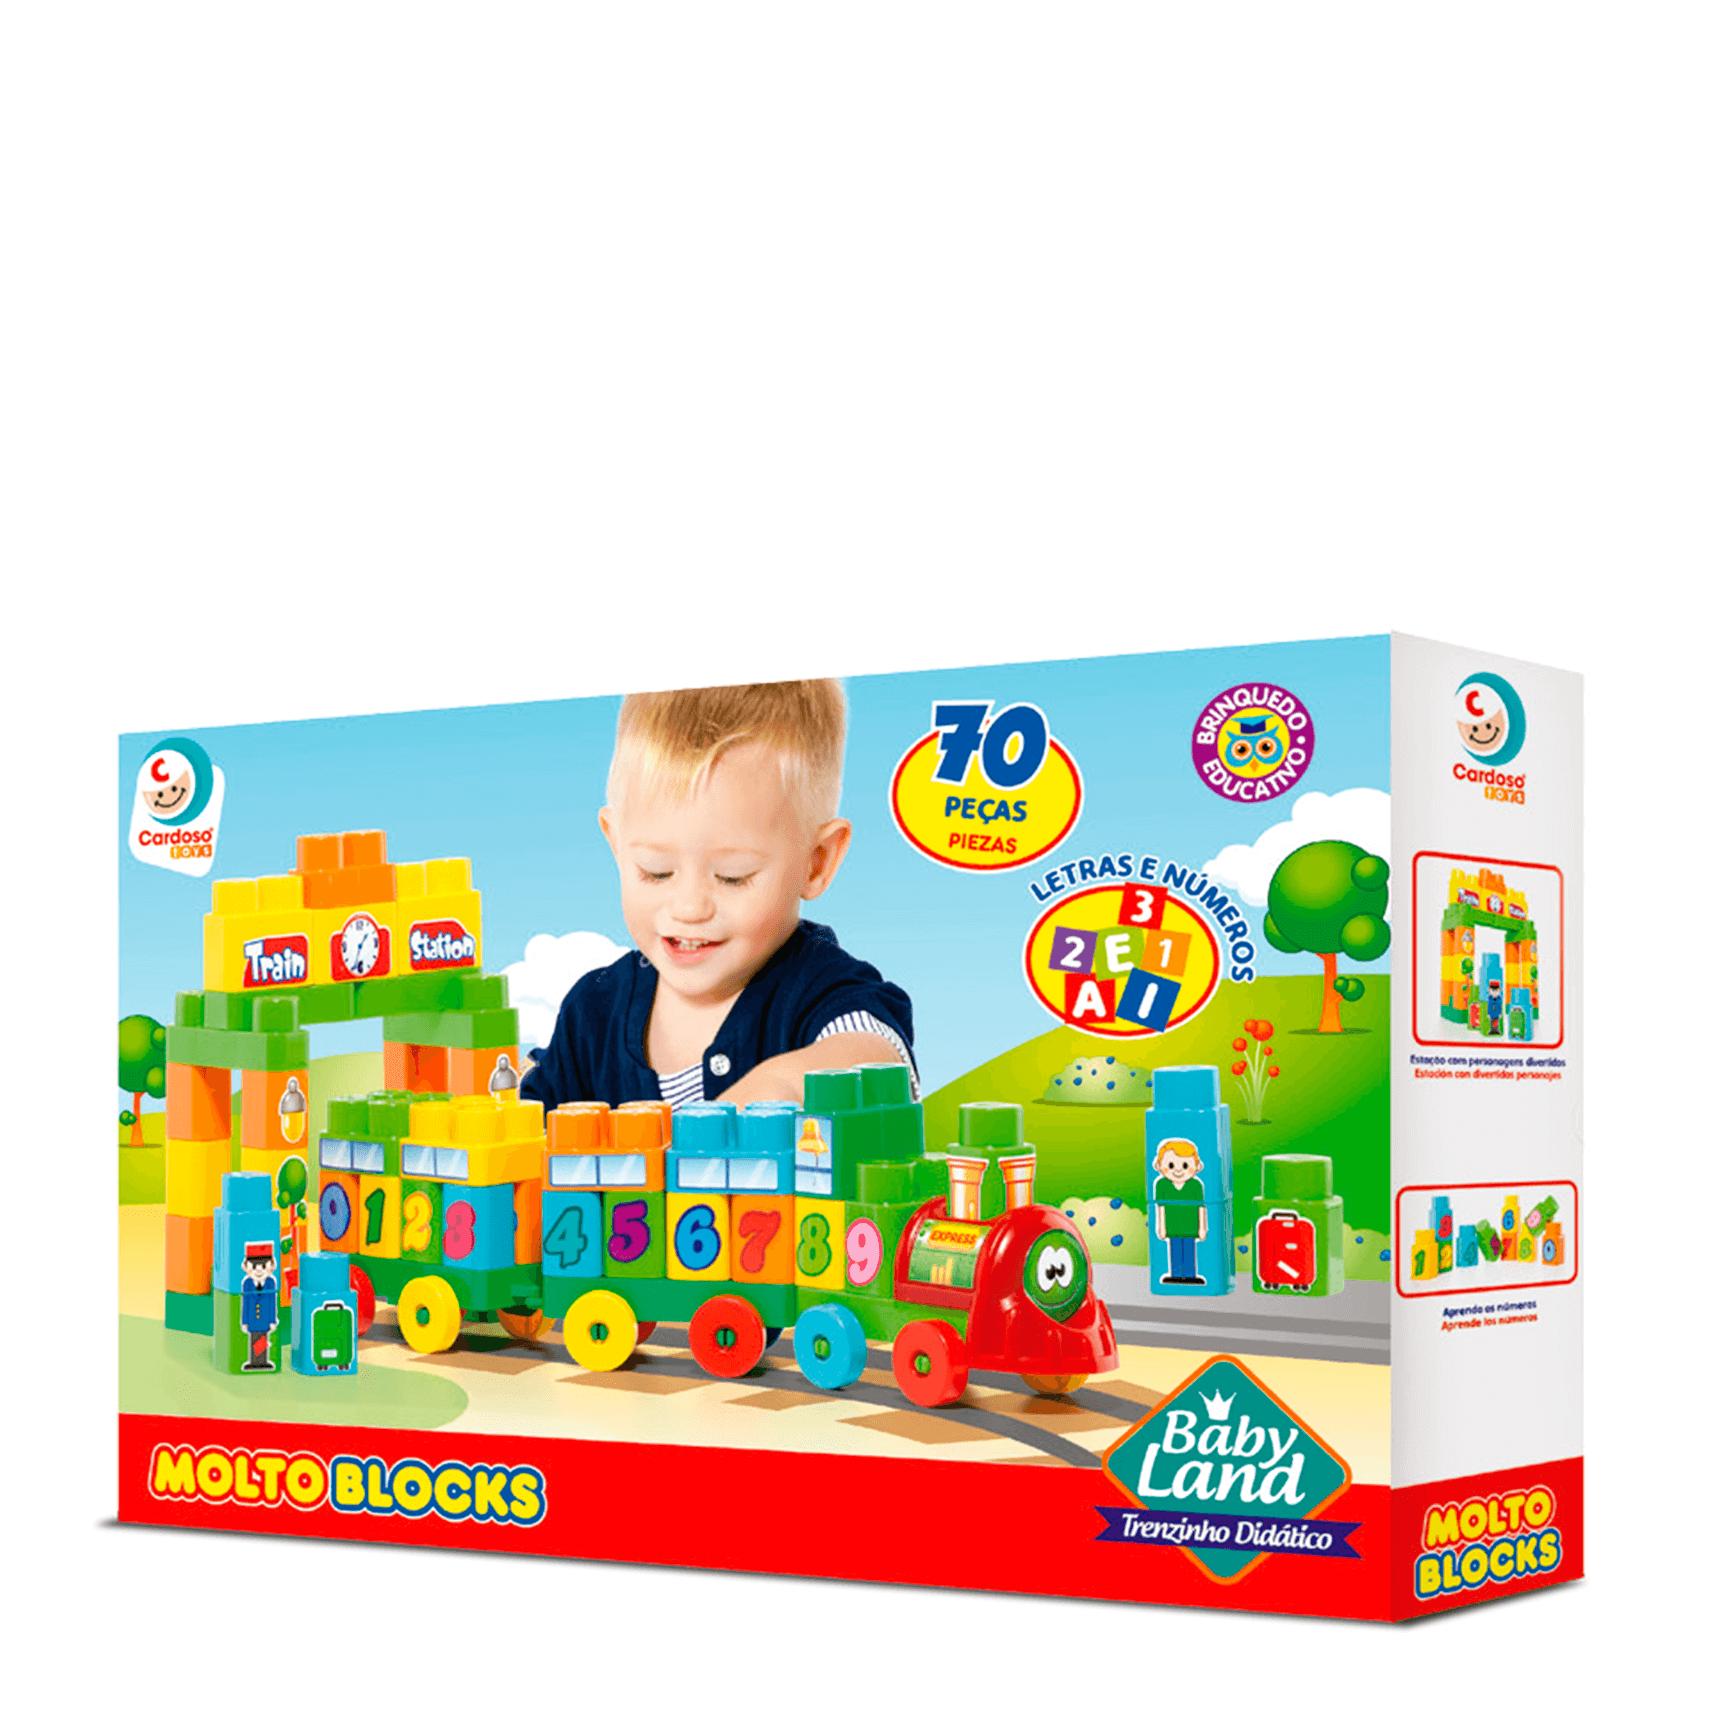 Blocos De Montar Baby Land Trenzinho Didático 70 Peças 8005 Cardoso